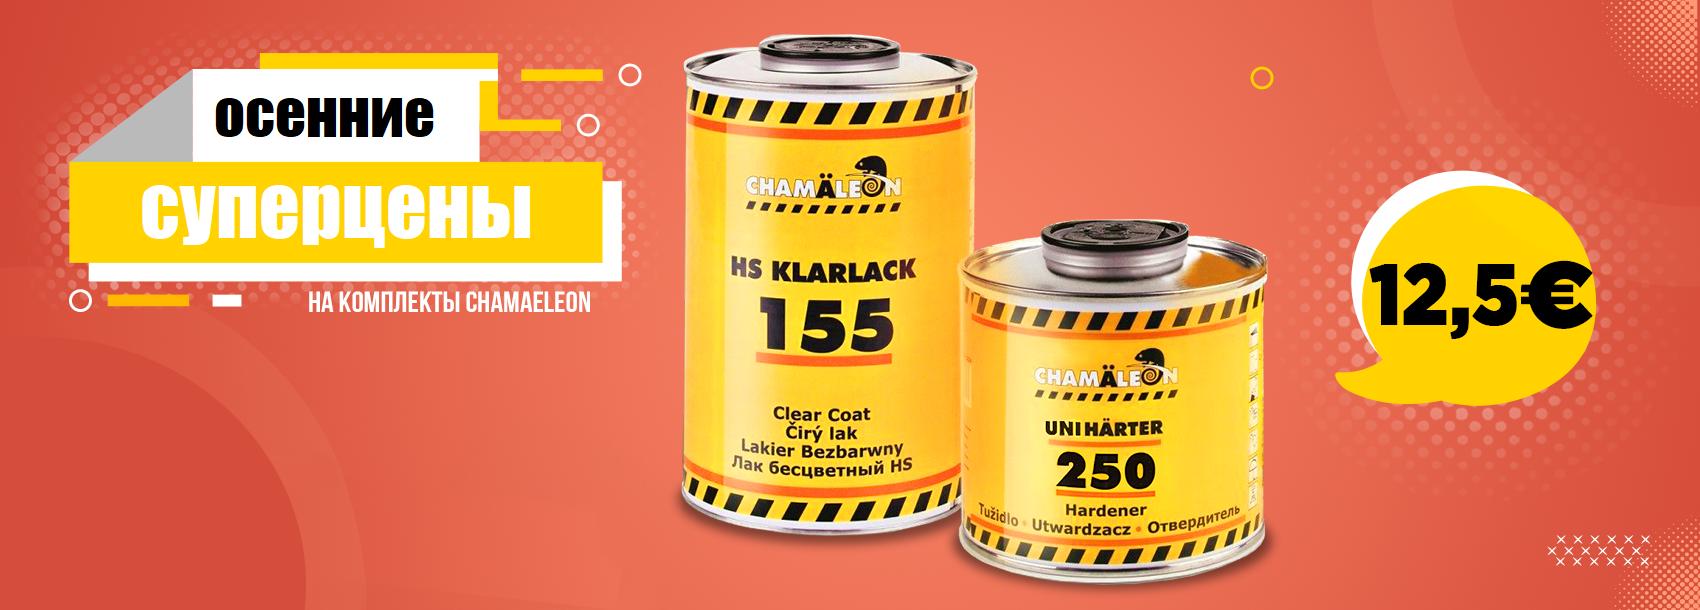 Специальная цена на комплект бесцветного лака и отвердителя HS Chamaleon – 12.5 EUR